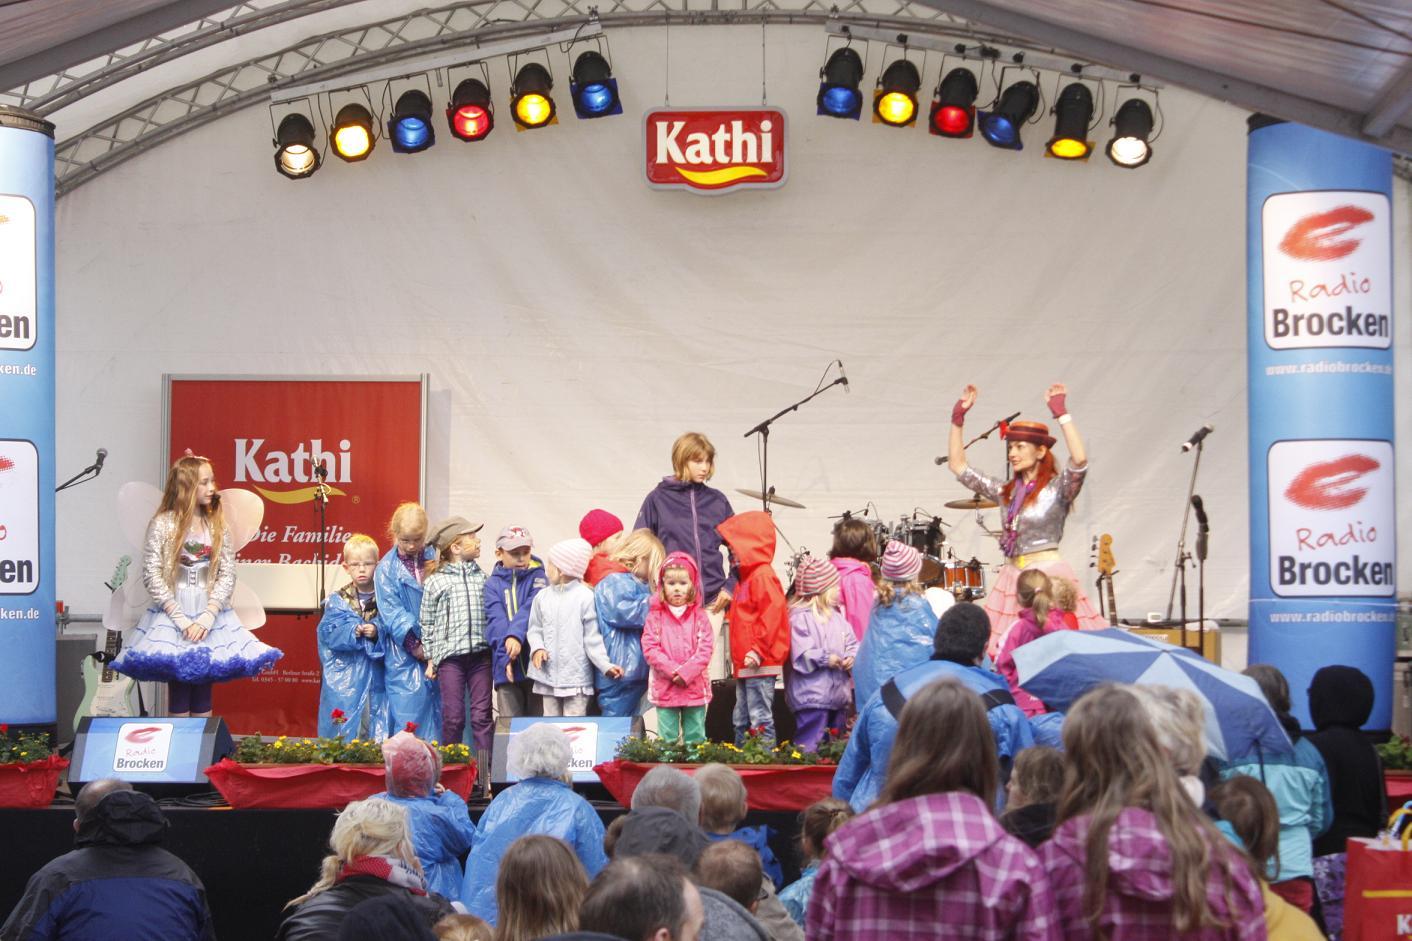 Kathi8